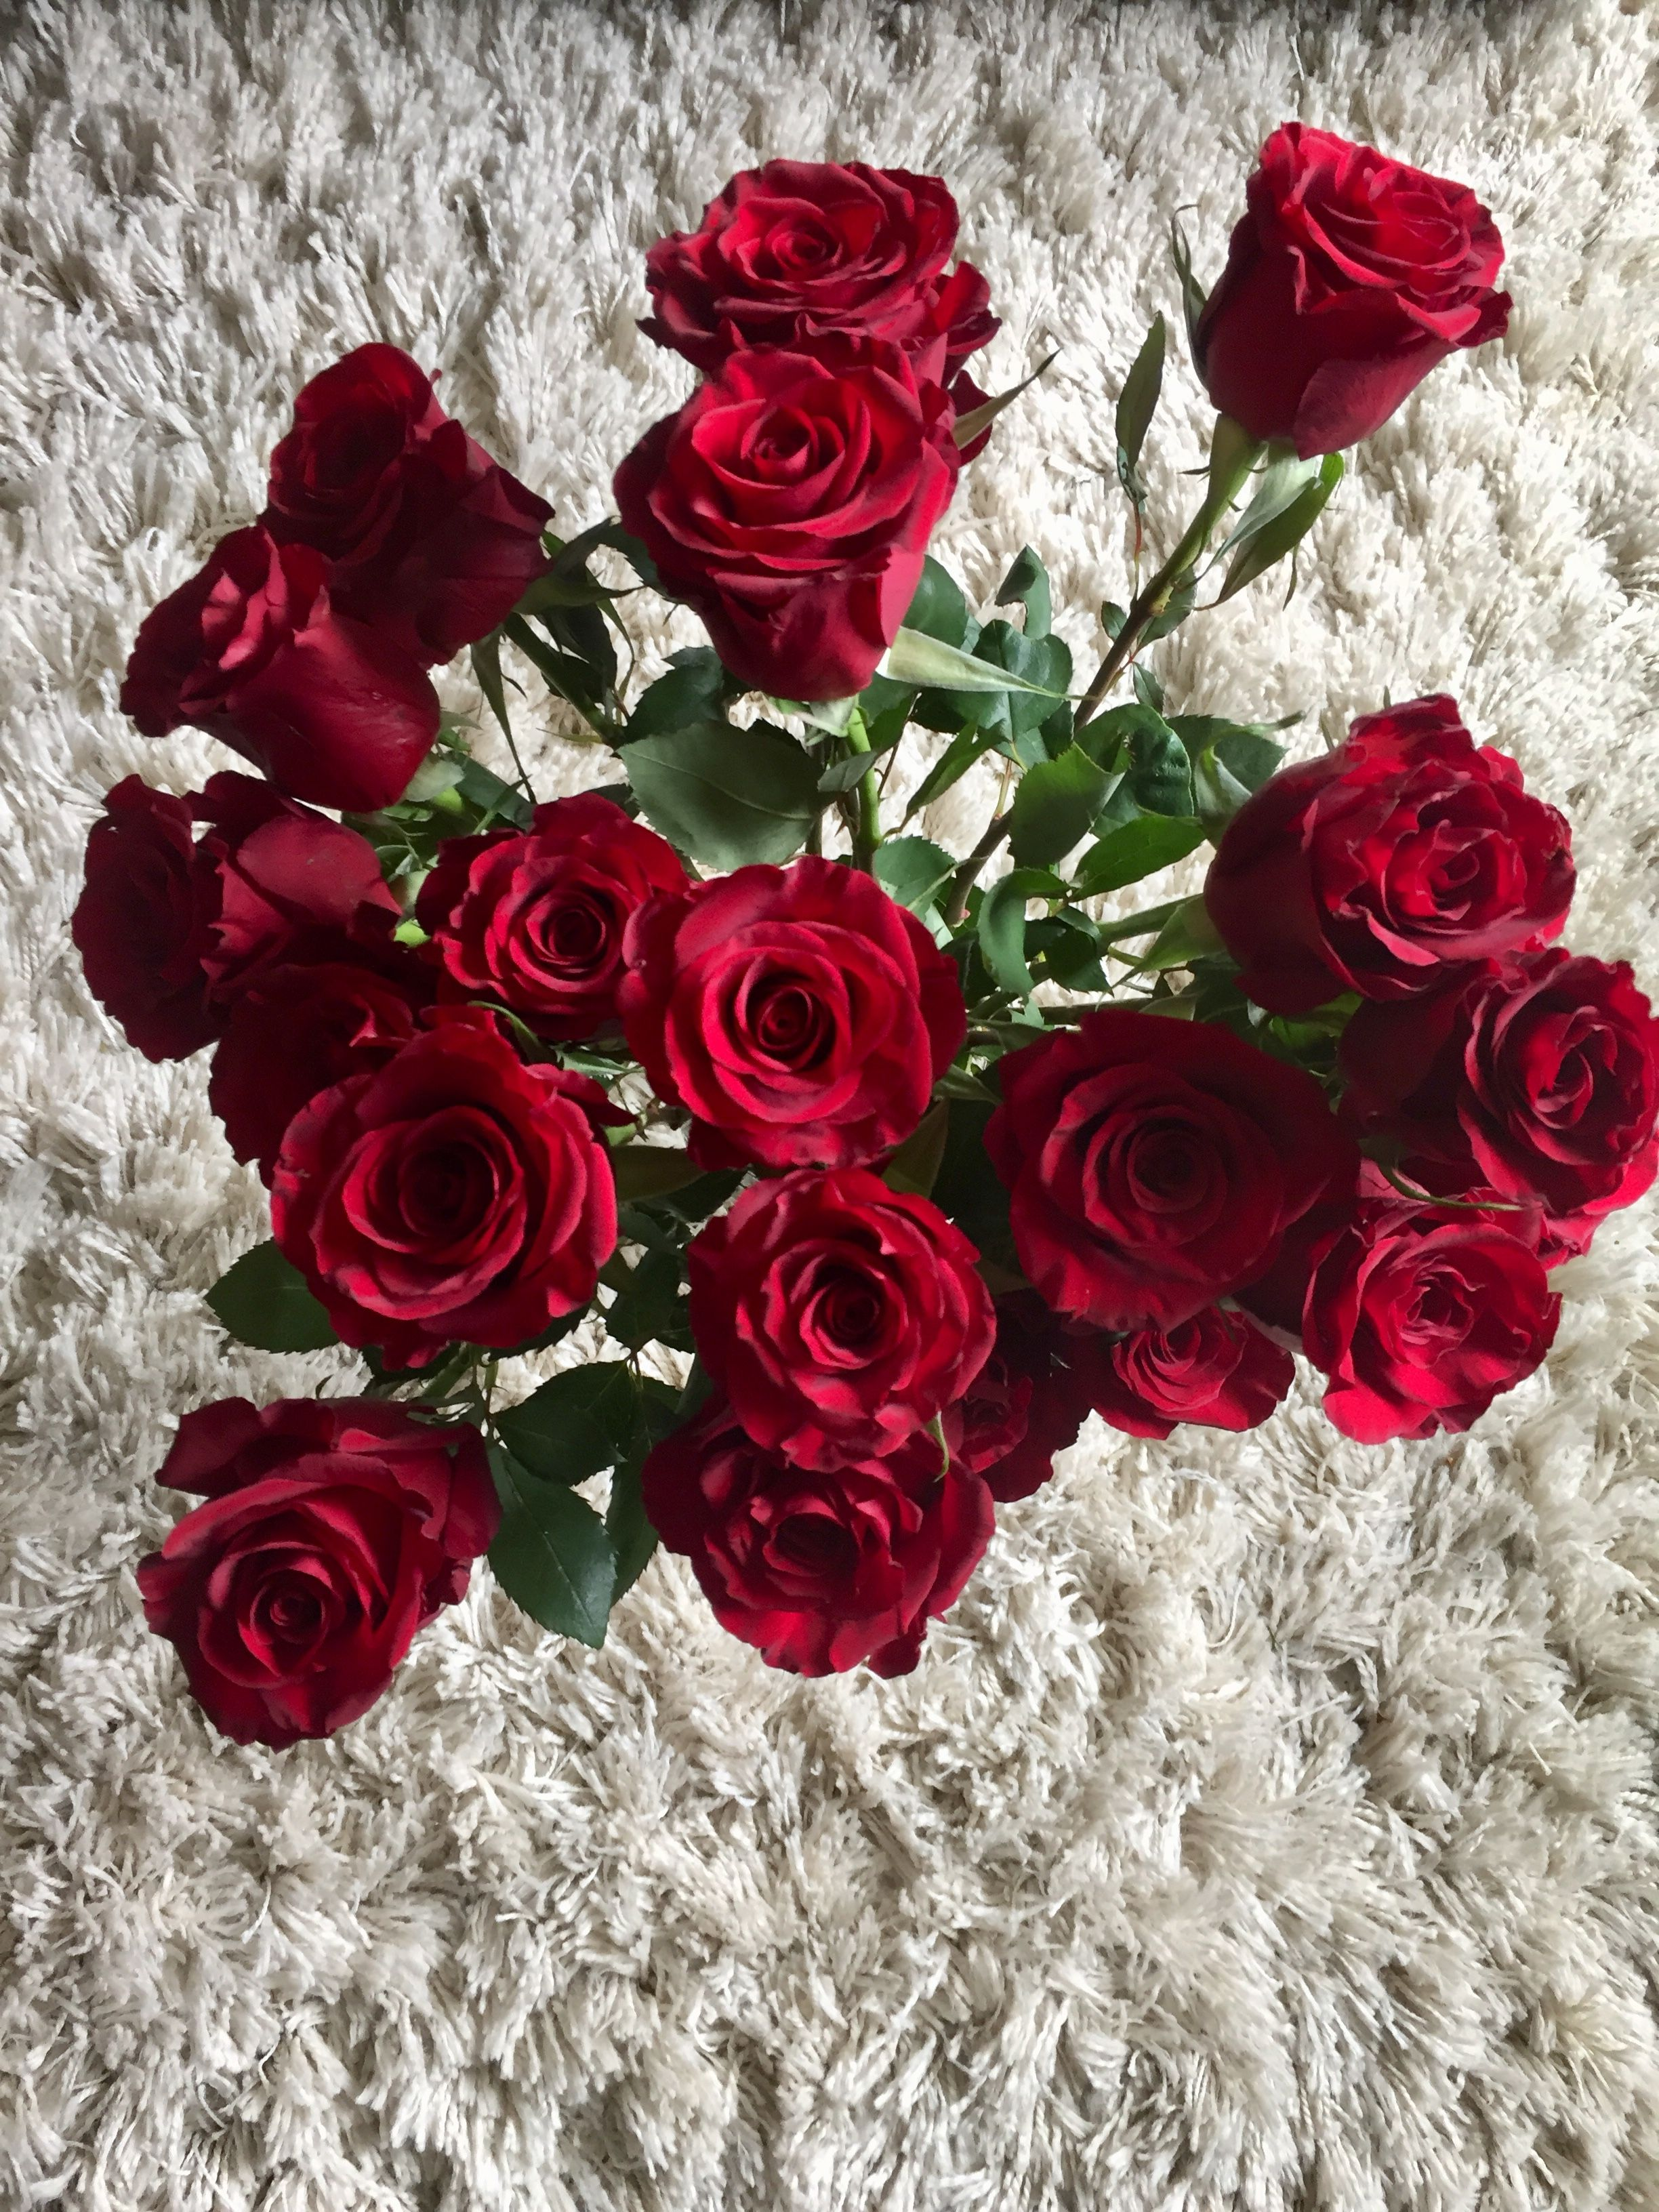 красивые картинки цветы на ватсап полиции